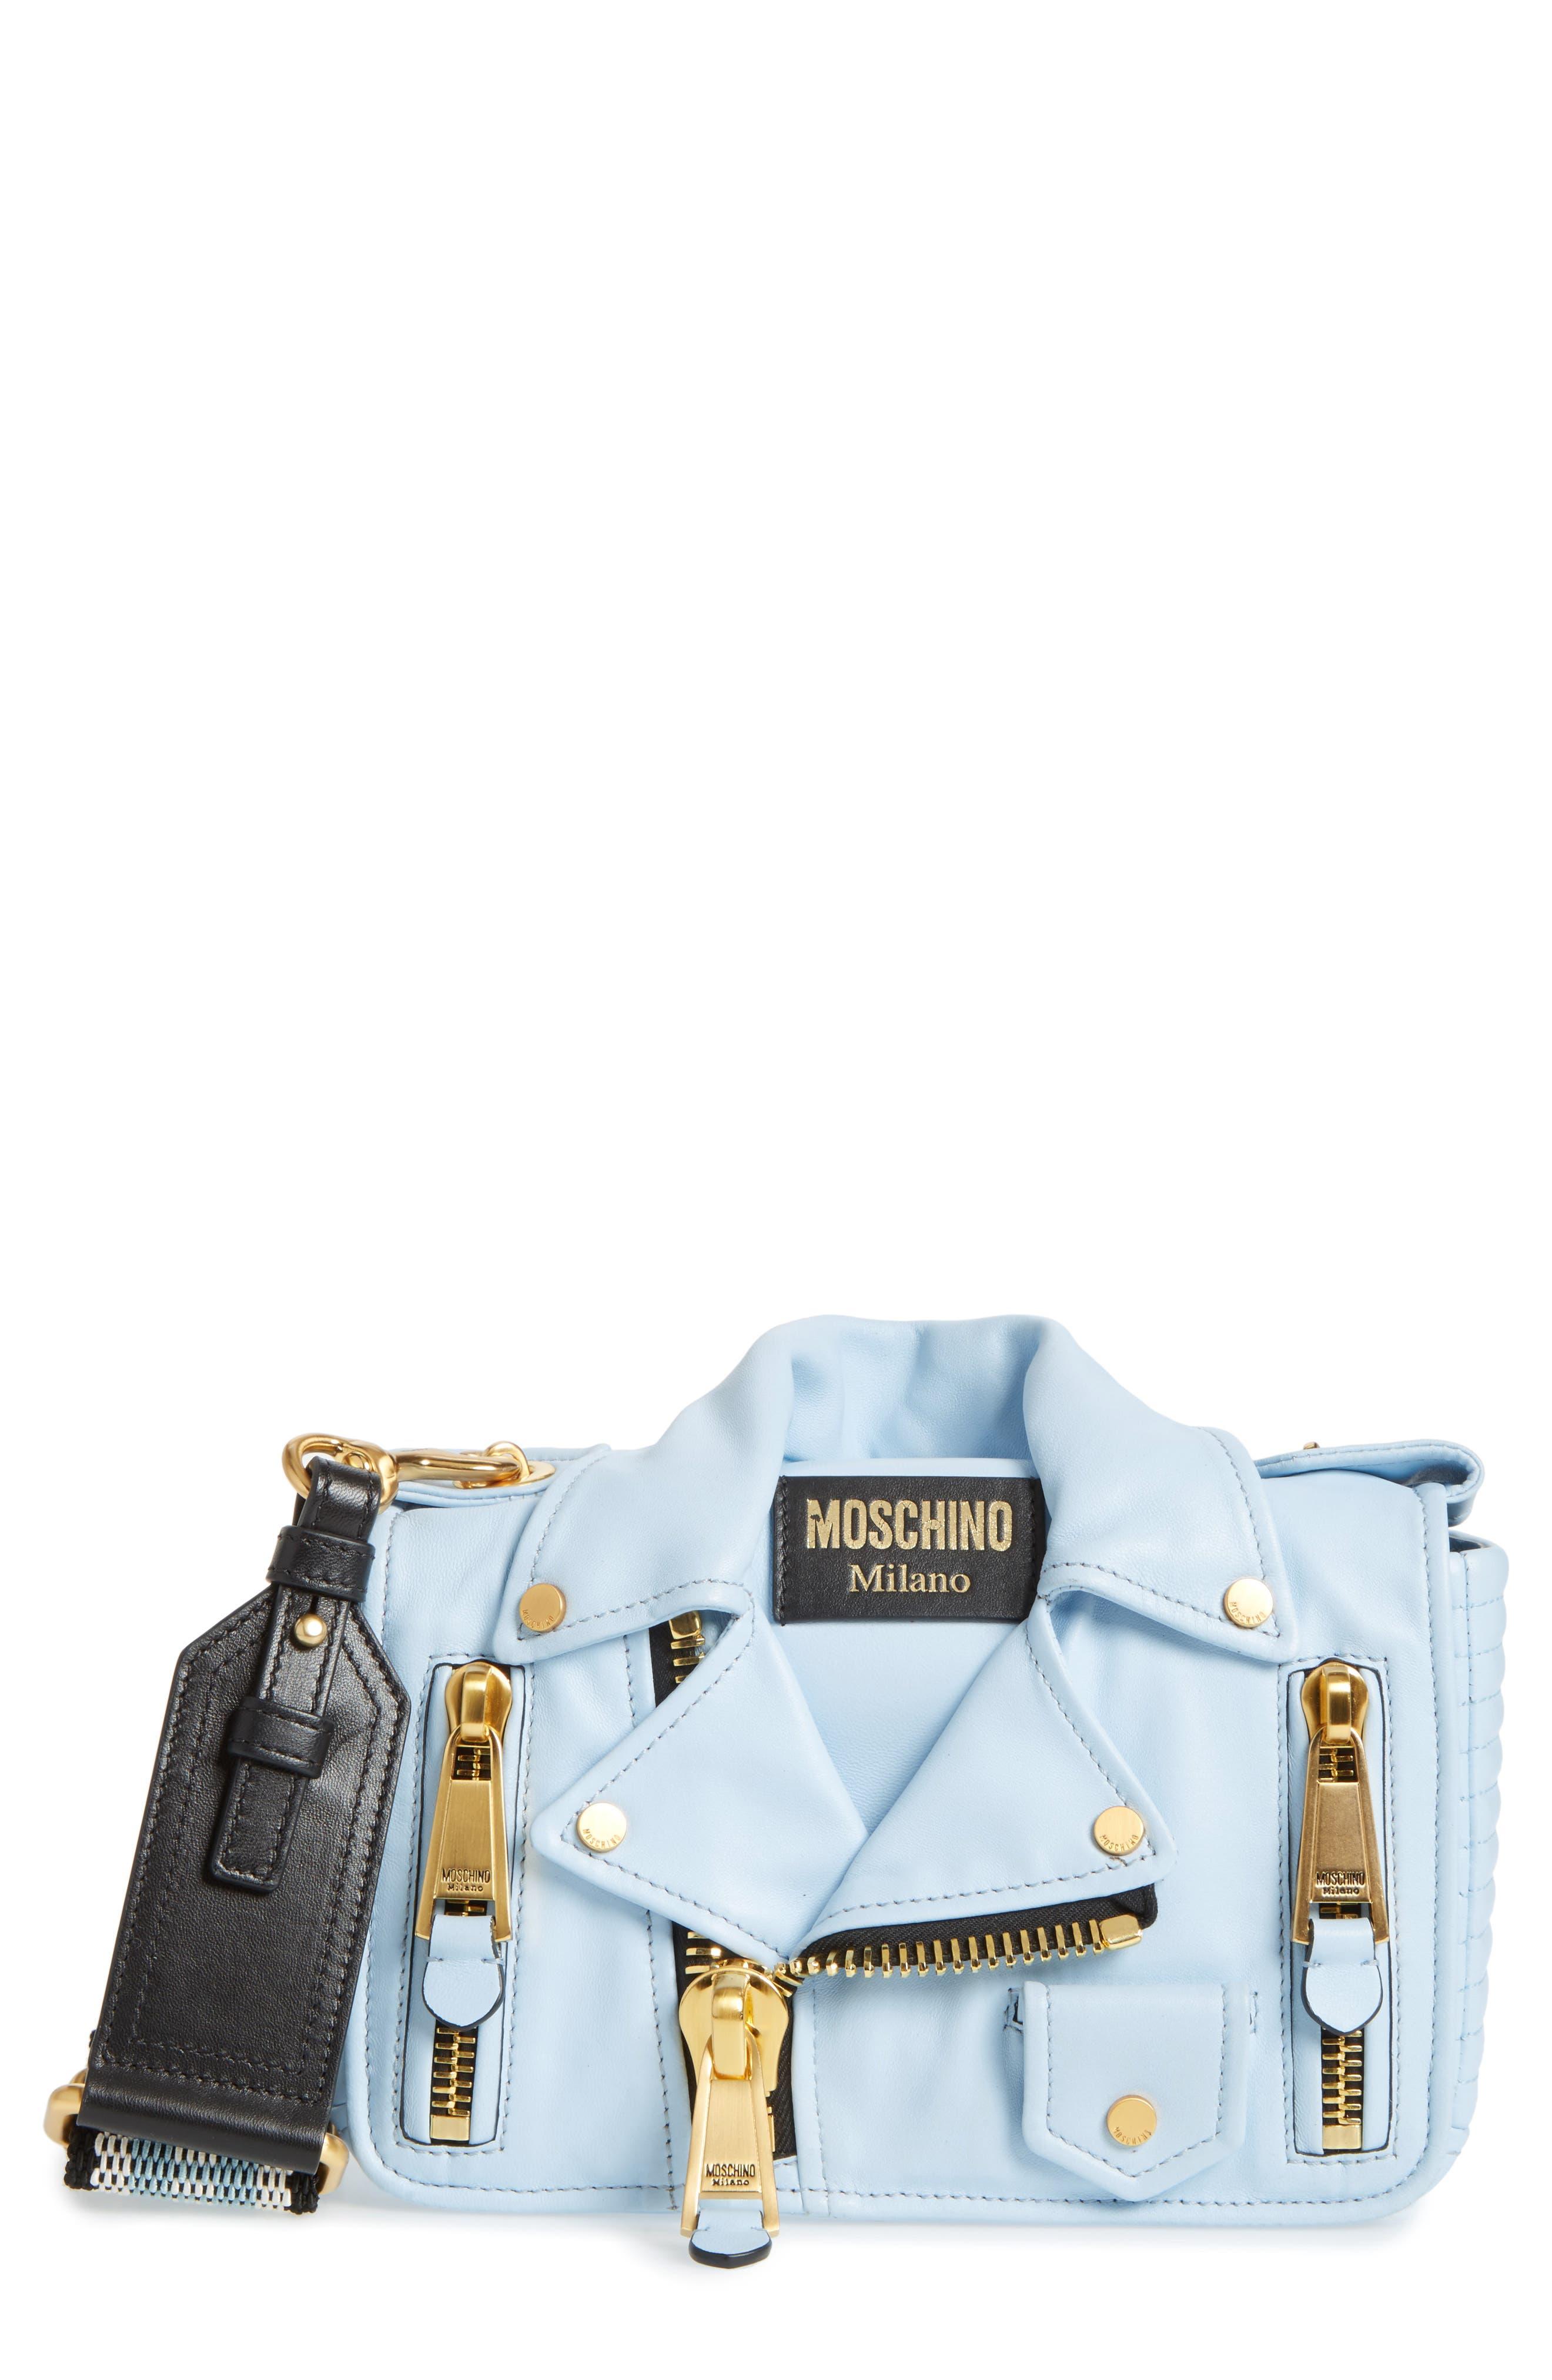 Moschino Biker Jacket Leather Shoulder Bag